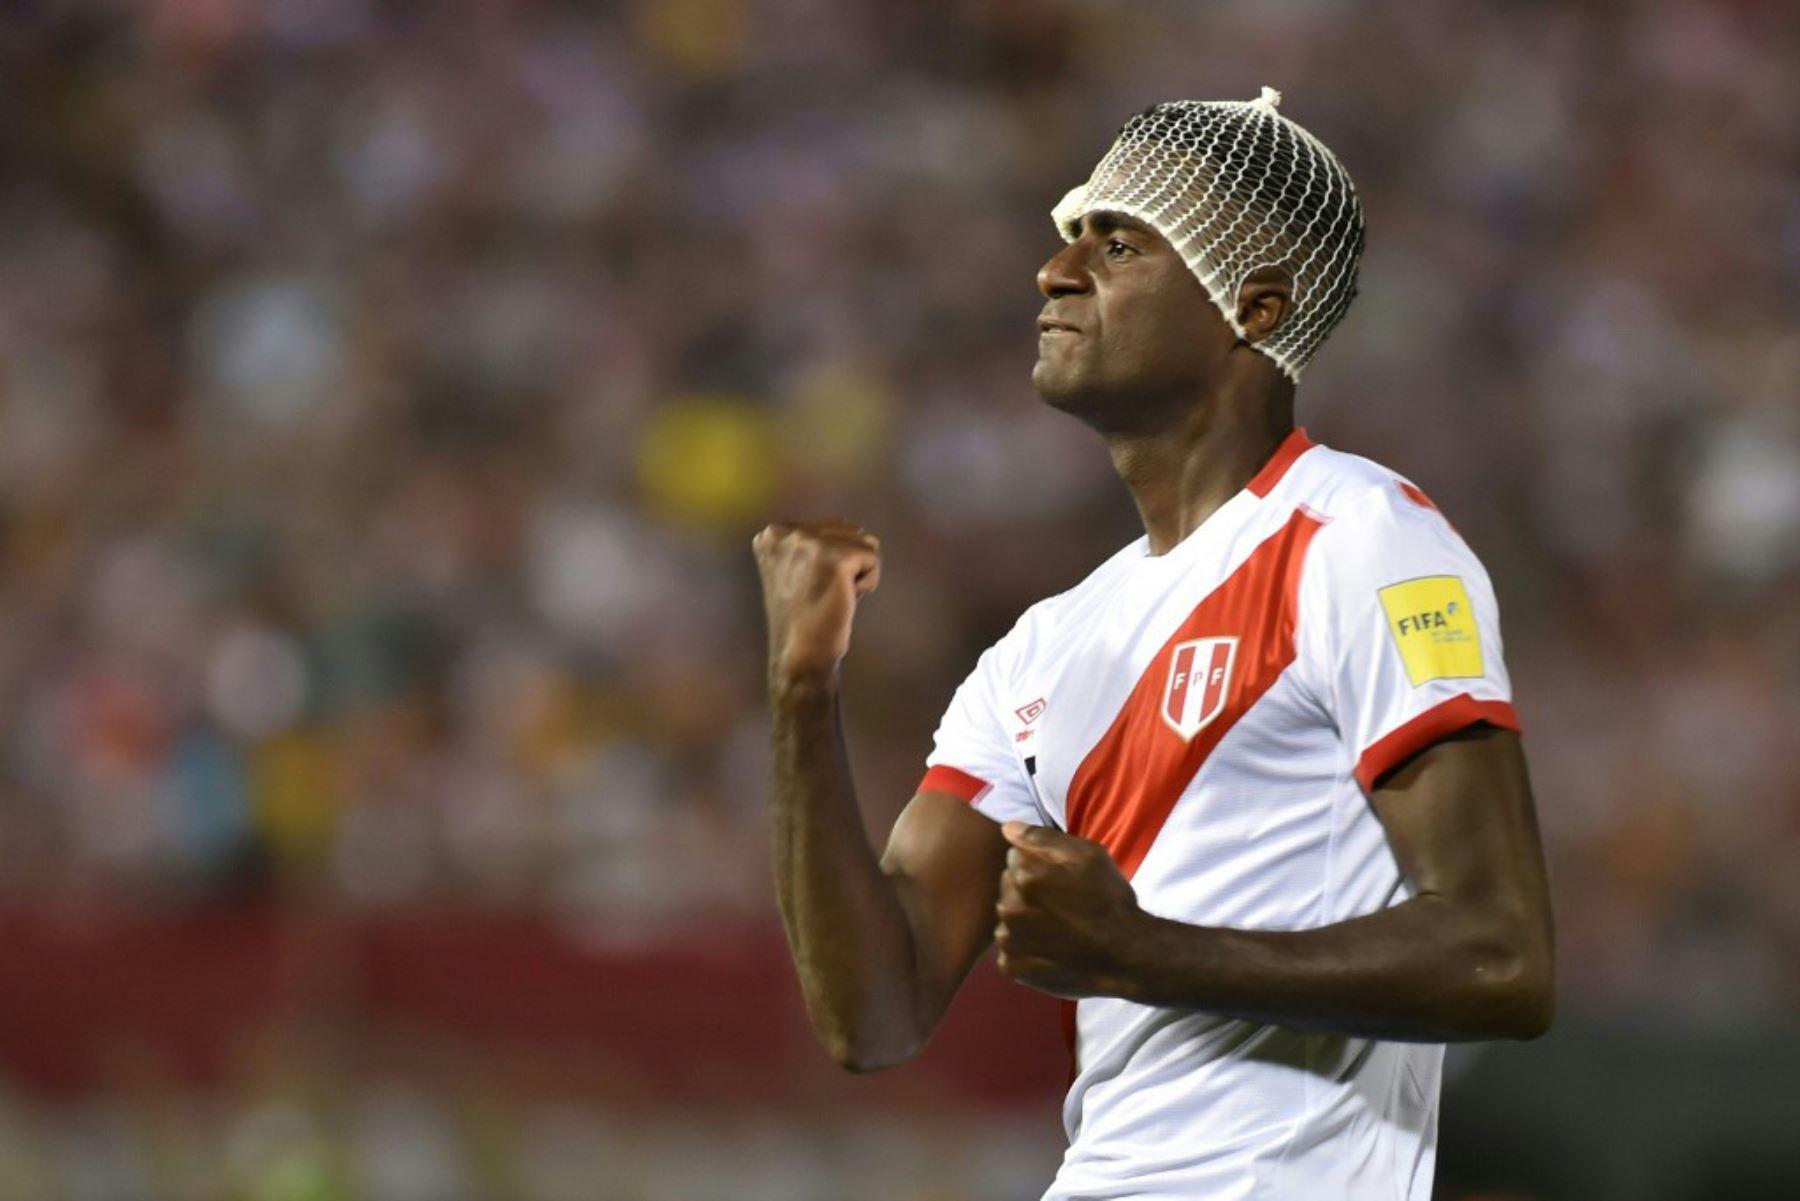 El defensa peruano Christian Ramos celebra tras anotar contra Paraguay. Foto: AFP